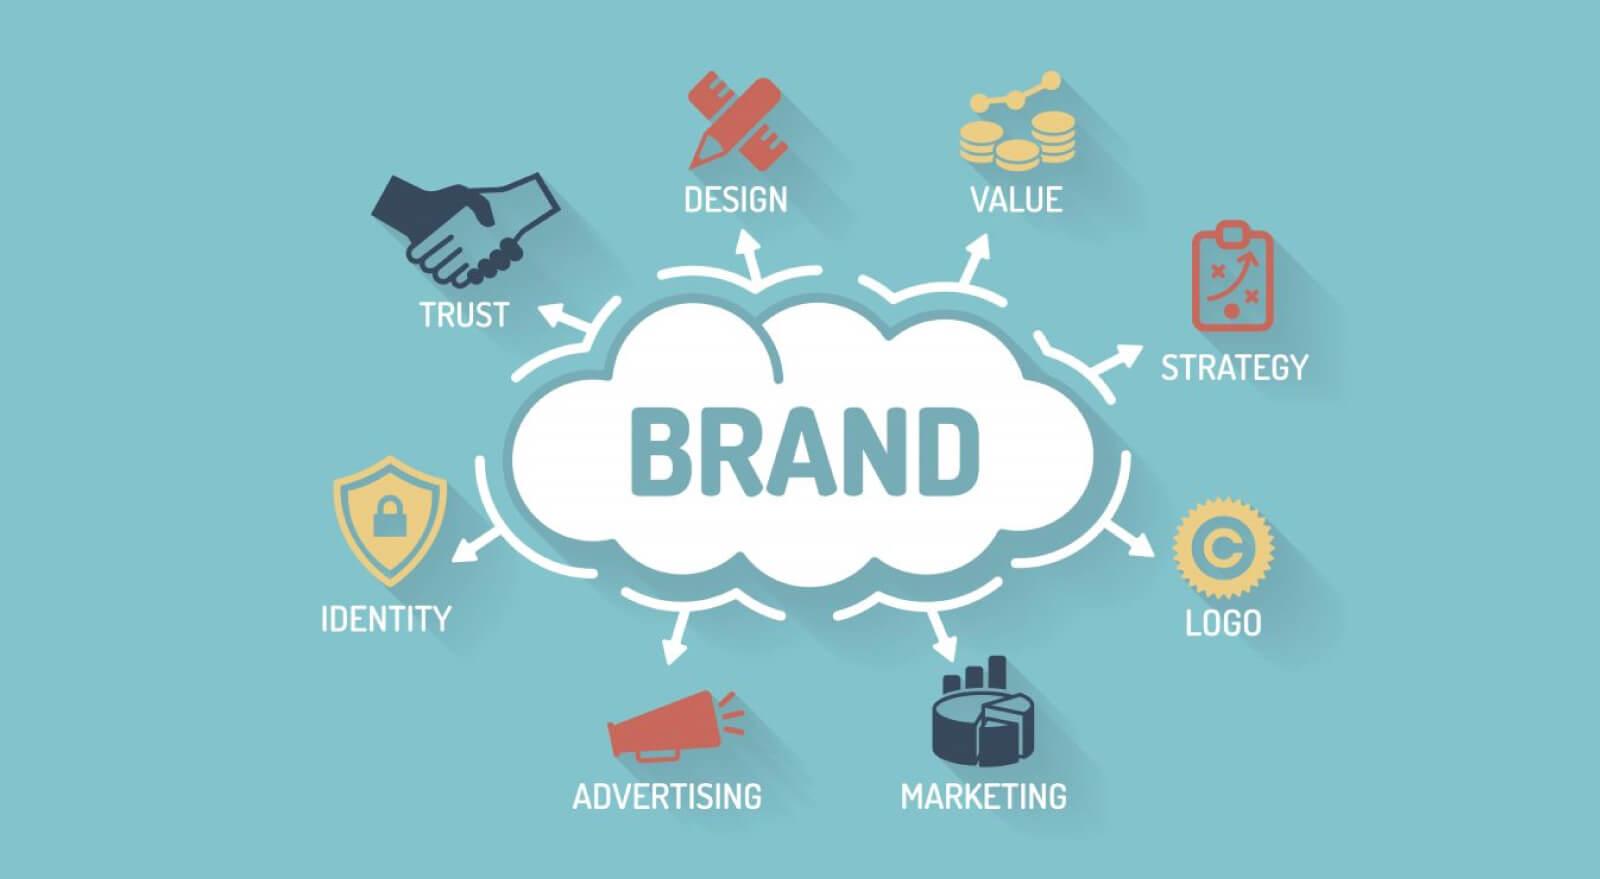 manfaat brand untuk perusahaan secara umum yang harus diketahui